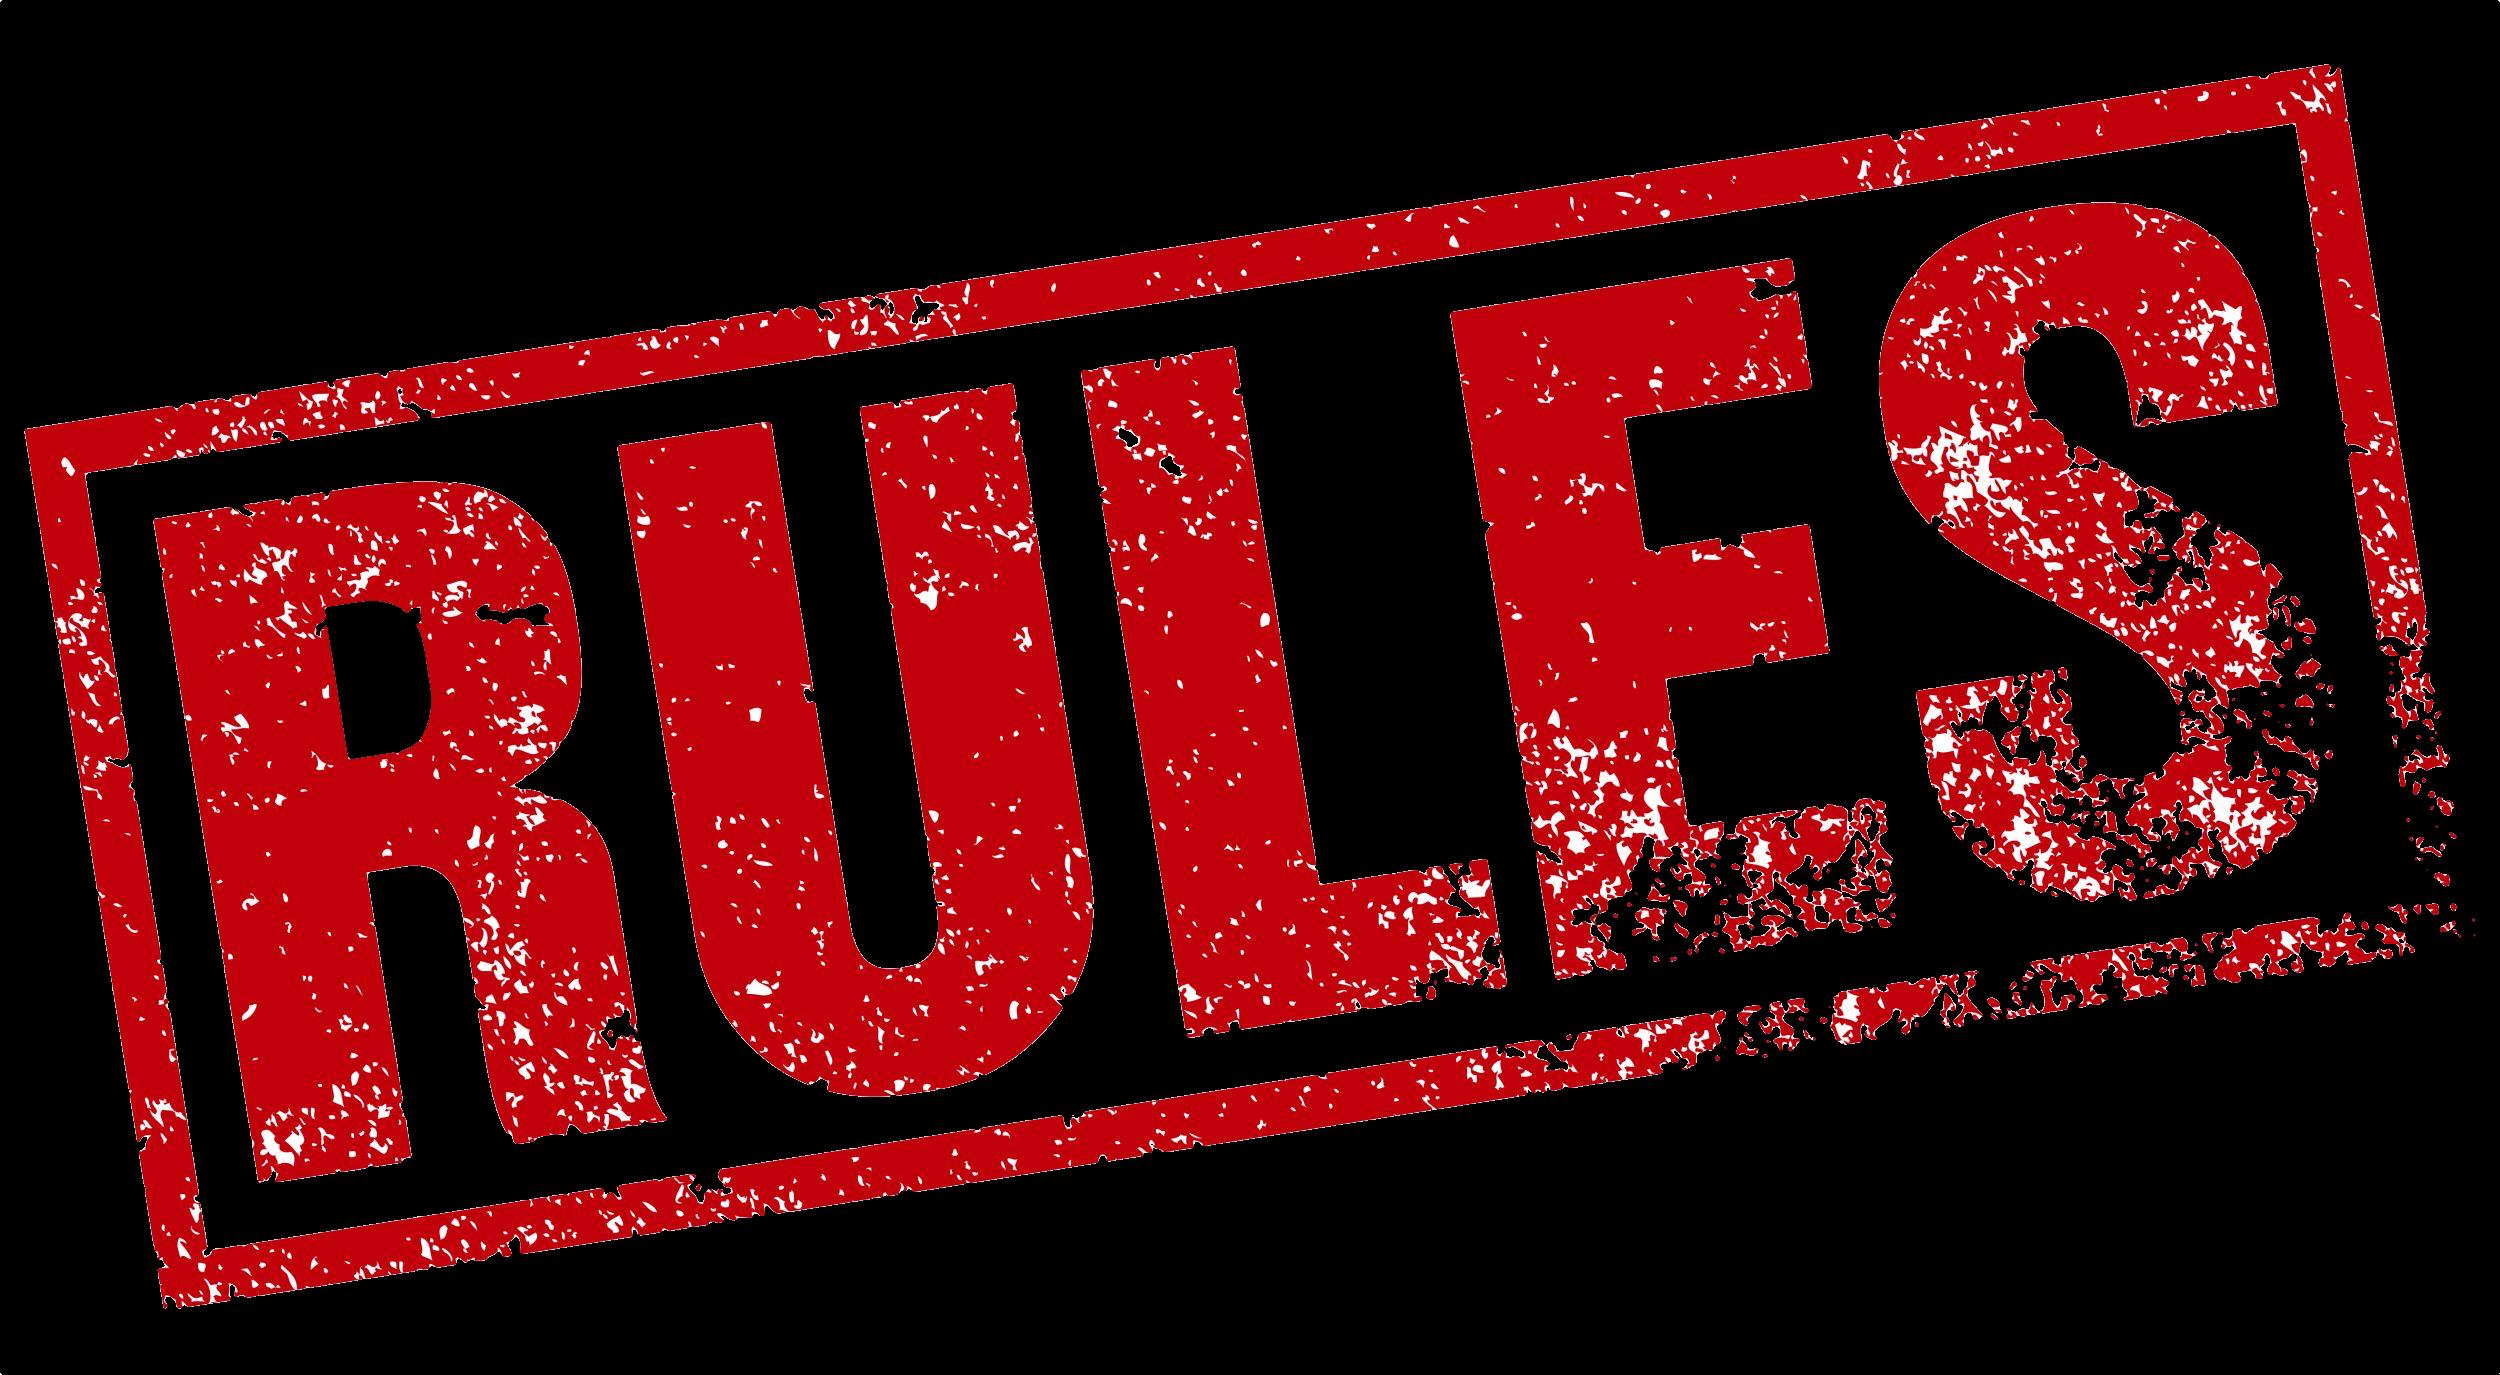 Какие правила для клуба, девушка мастурбирует о рычаг кпп